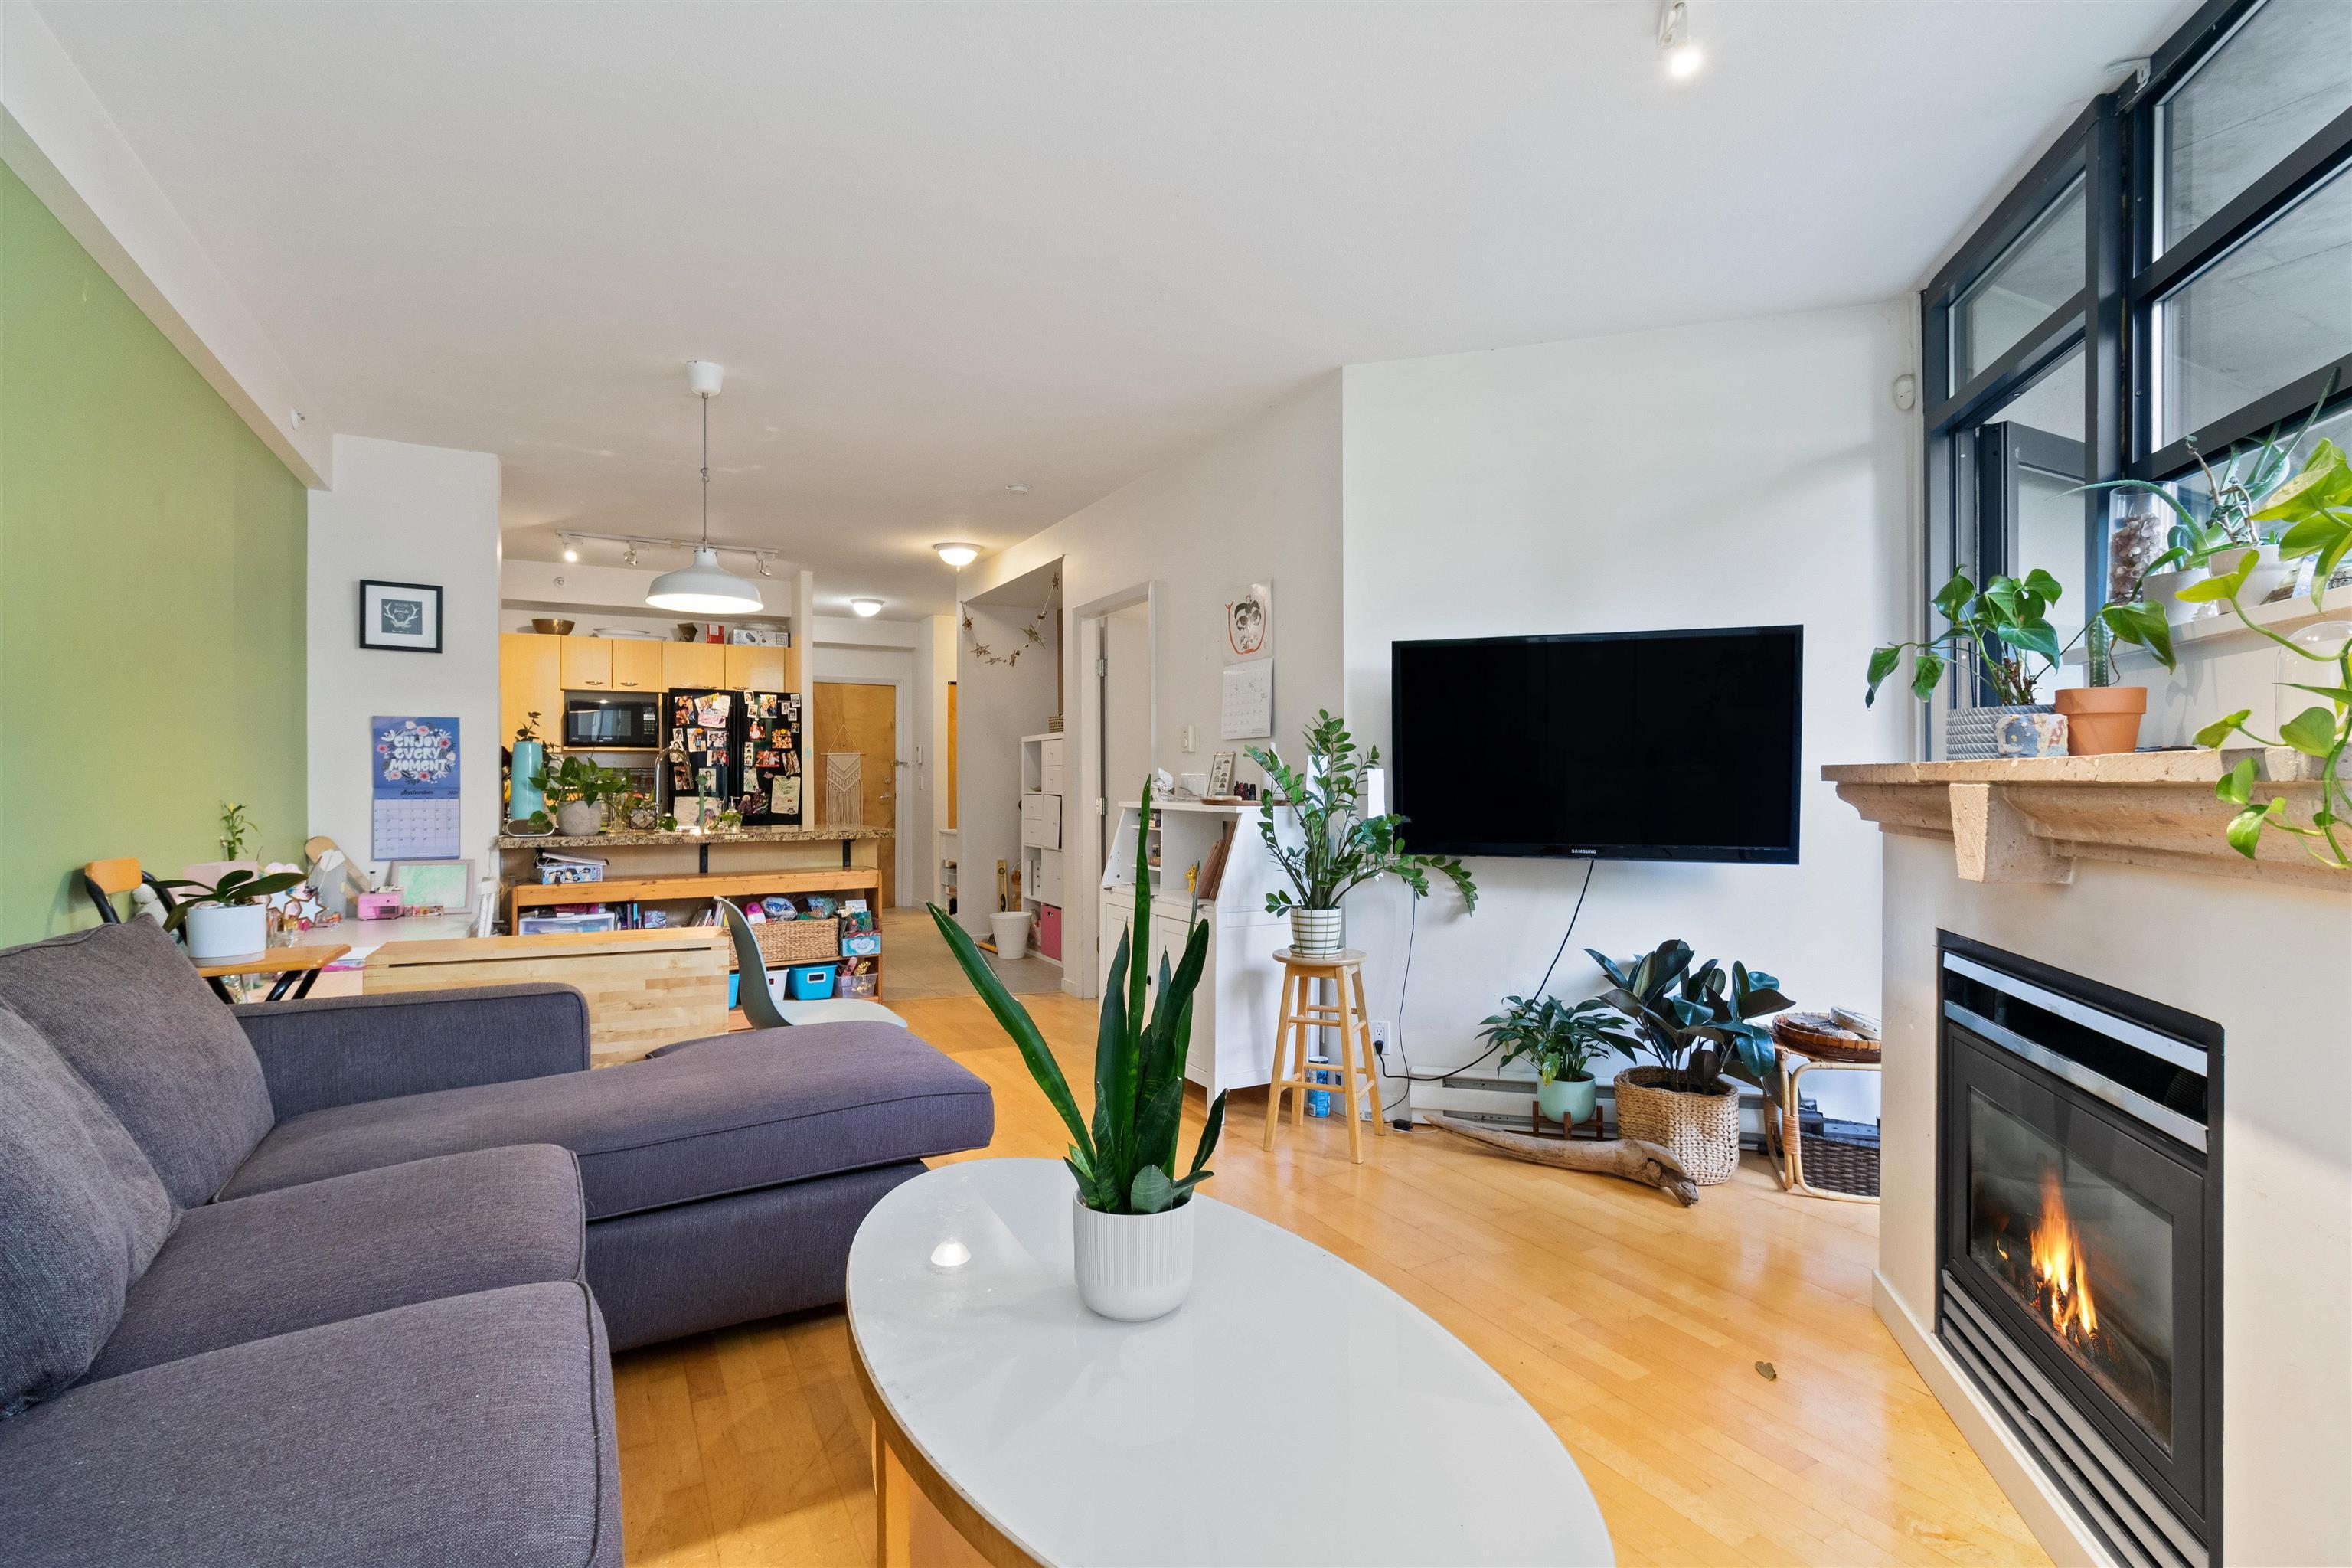 209 2228 MARSTRAND AVENUE - Kitsilano Apartment/Condo for sale, 1 Bedroom (R2617246) - #5